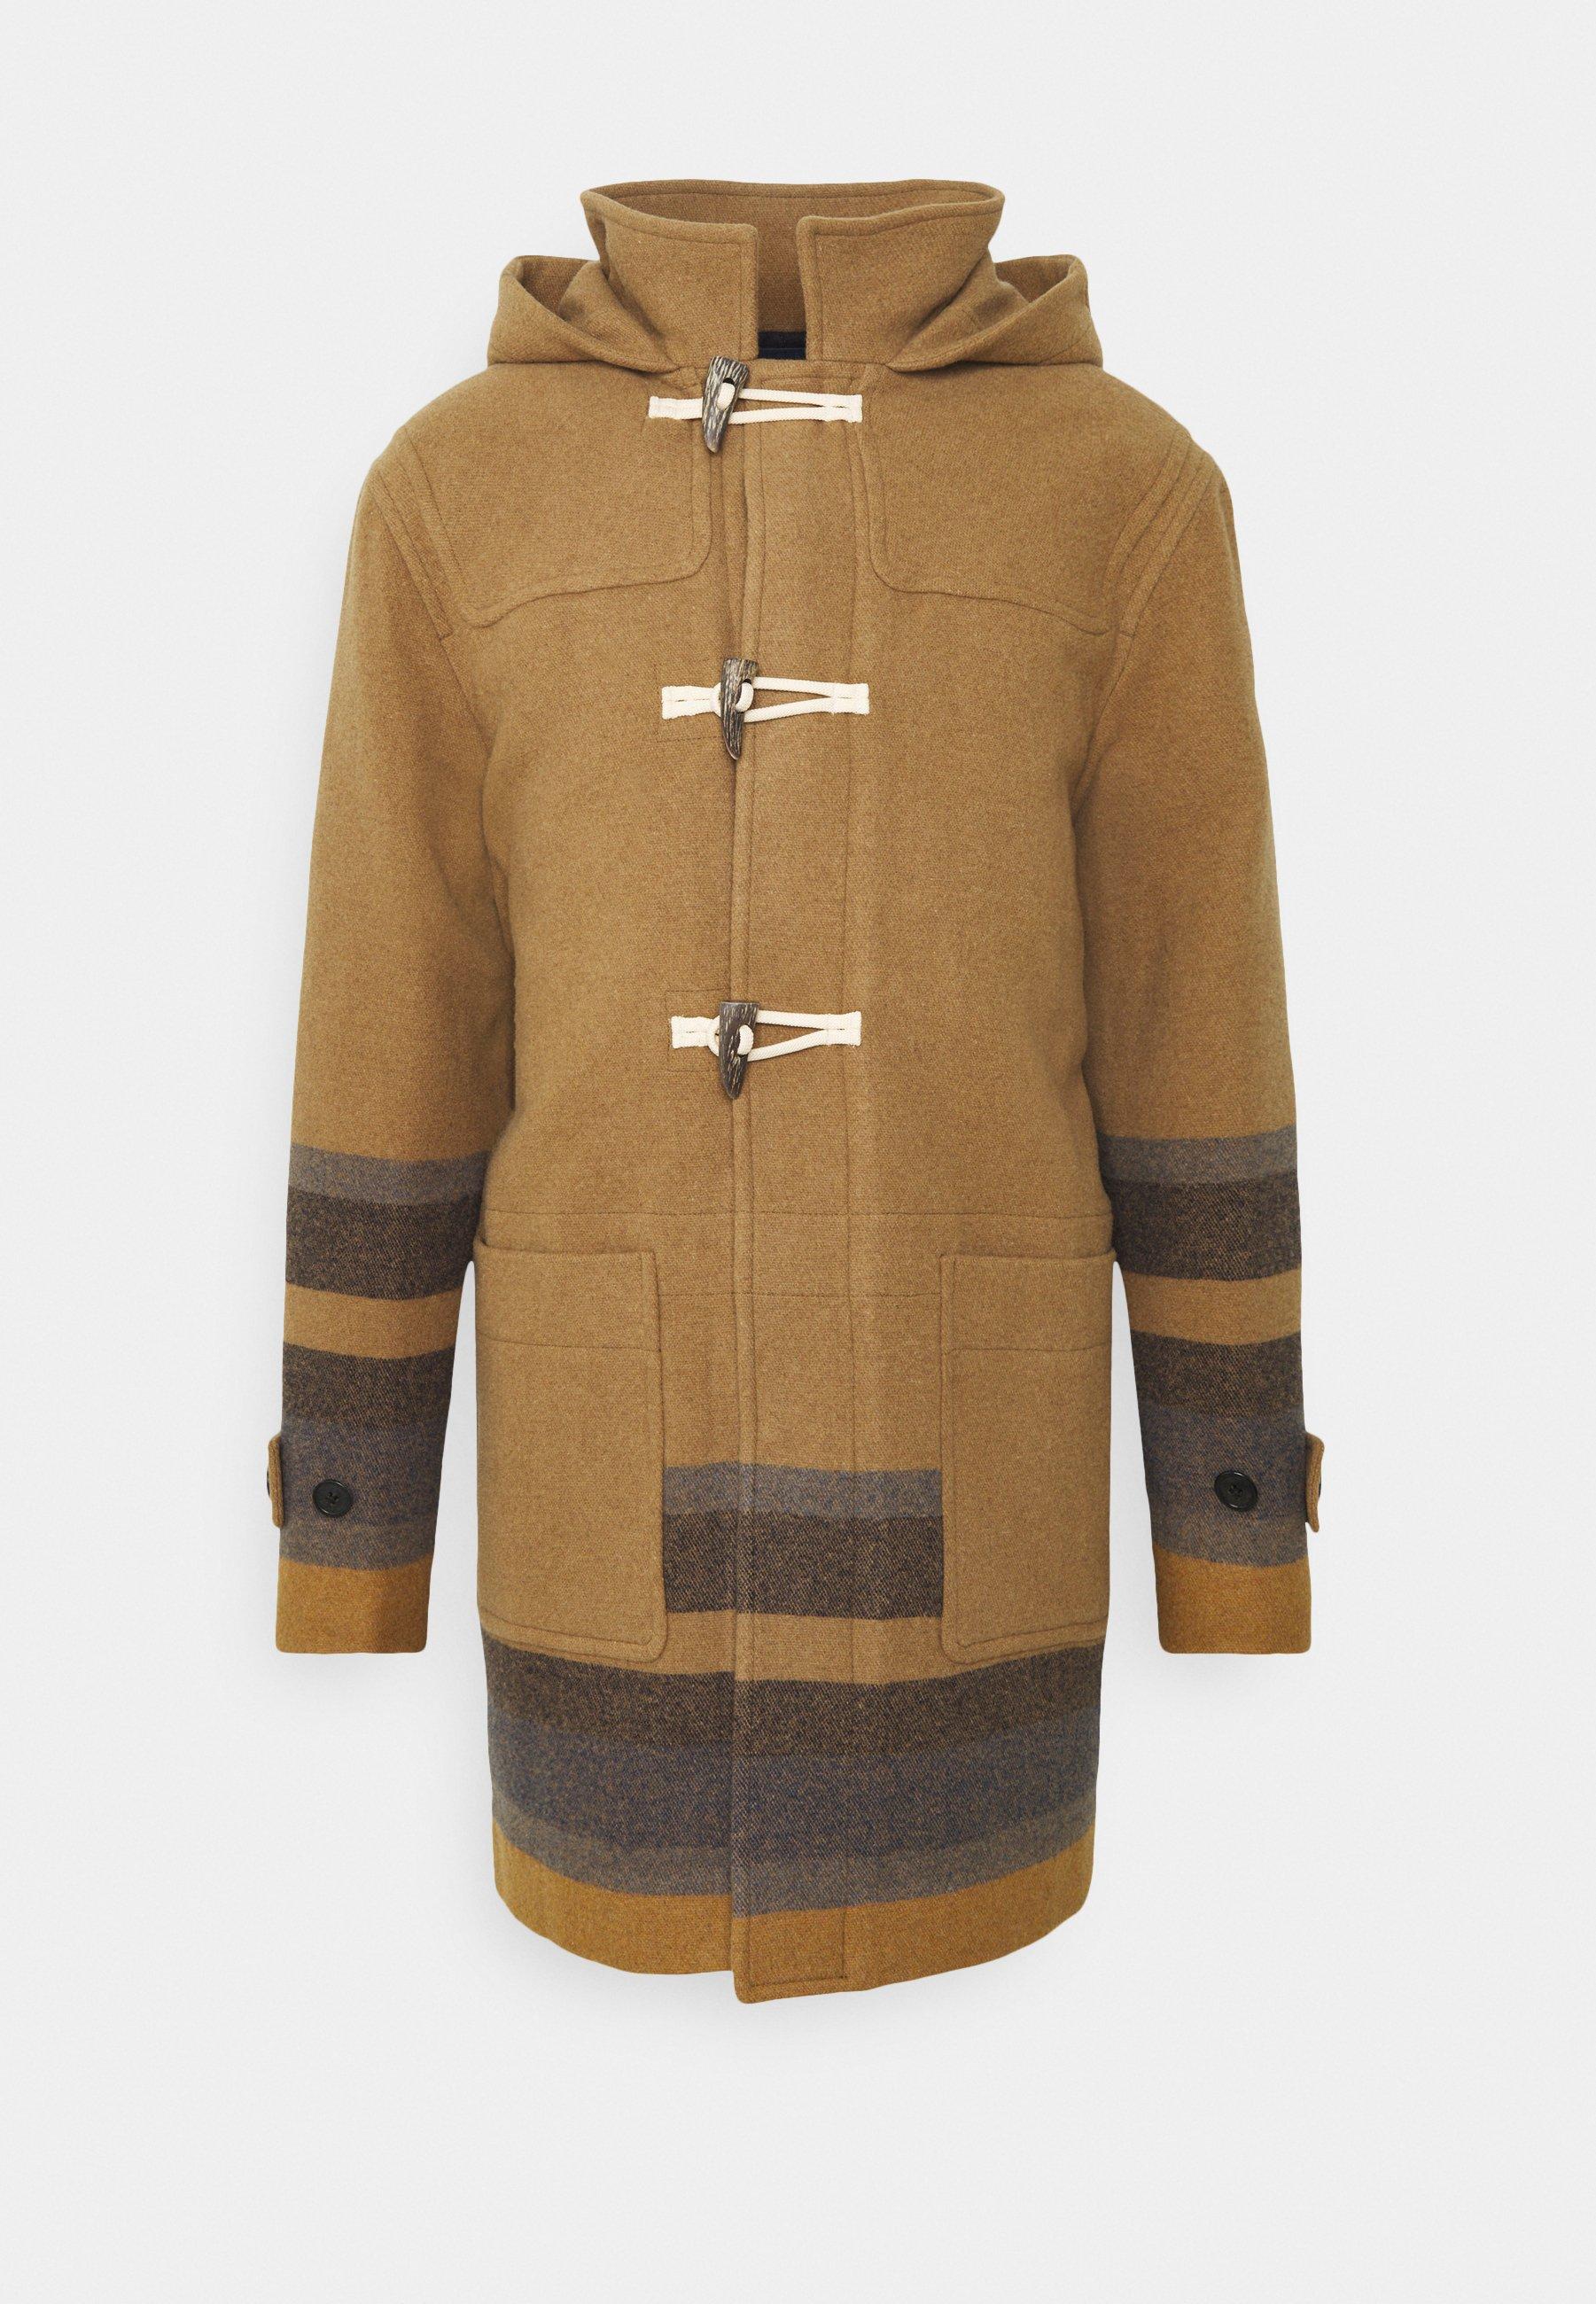 Manteaux de luxe homme | Tous les articles chez Zalando